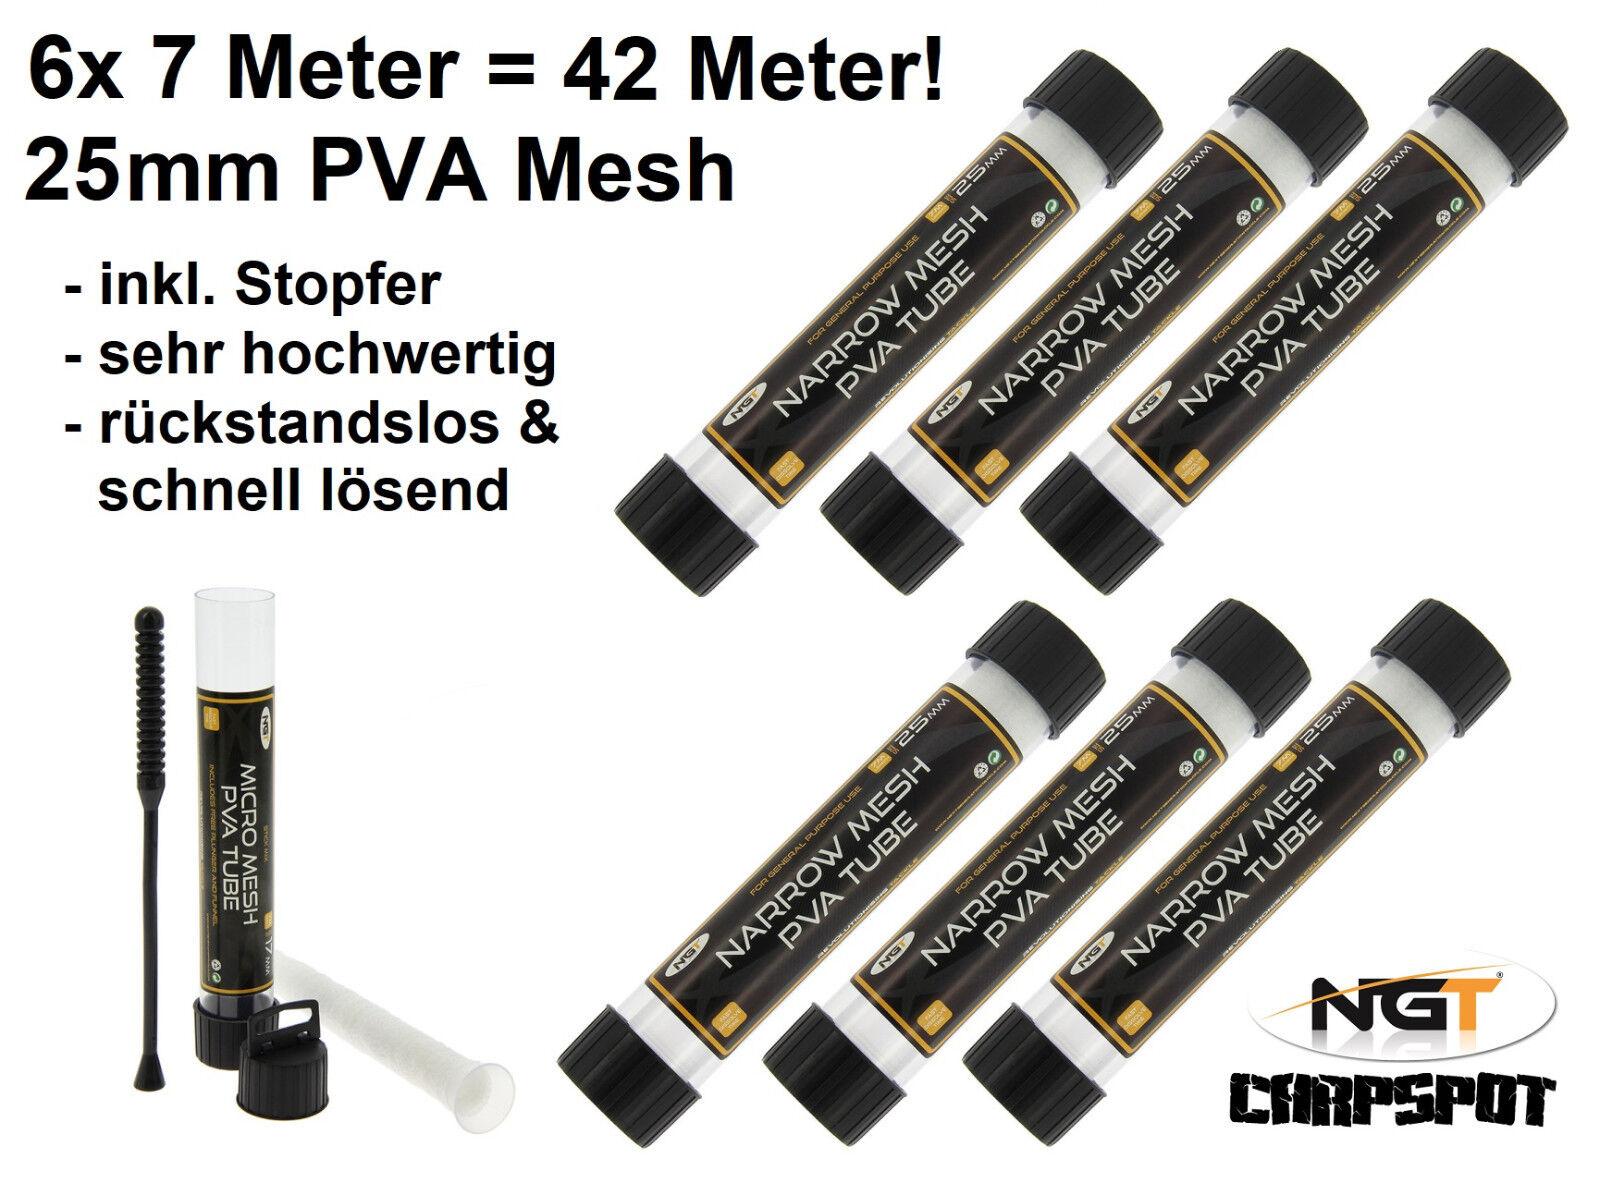 PVA Mesh Netz - 42 Meter Set Tube in 25mm inkl Stopfer PVA Beutel Karpfen Futter